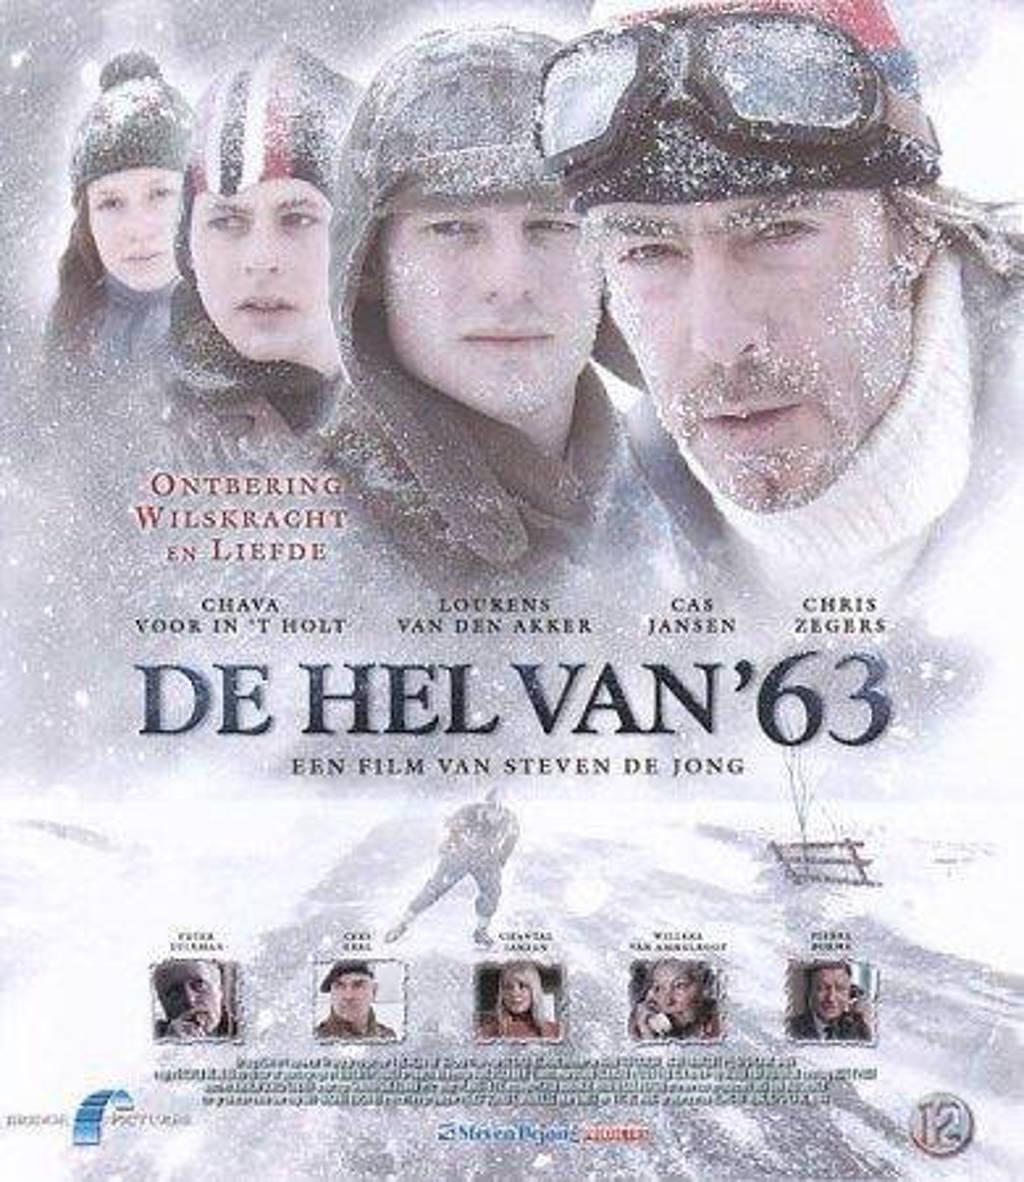 Hel van 63 (Blu-ray)